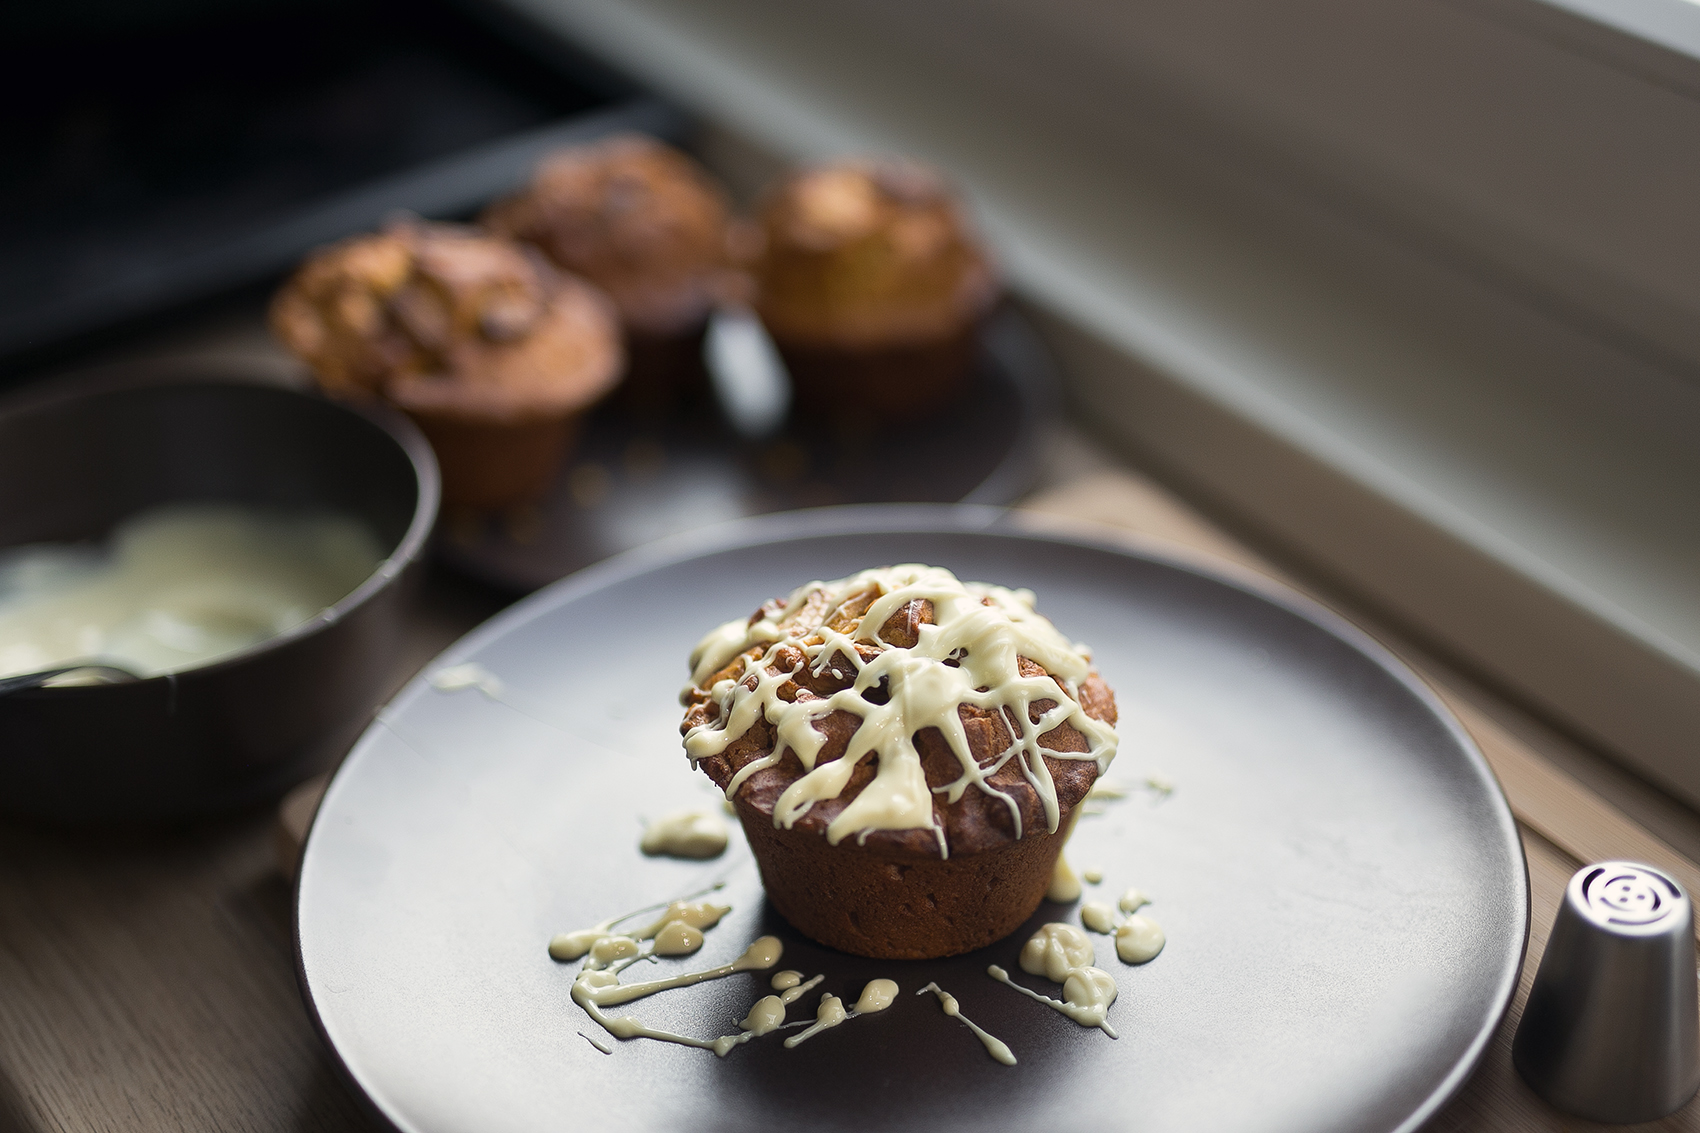 Kürbis Muffins Mit Doppelt Weißer Schokolade Kreative Fotografie